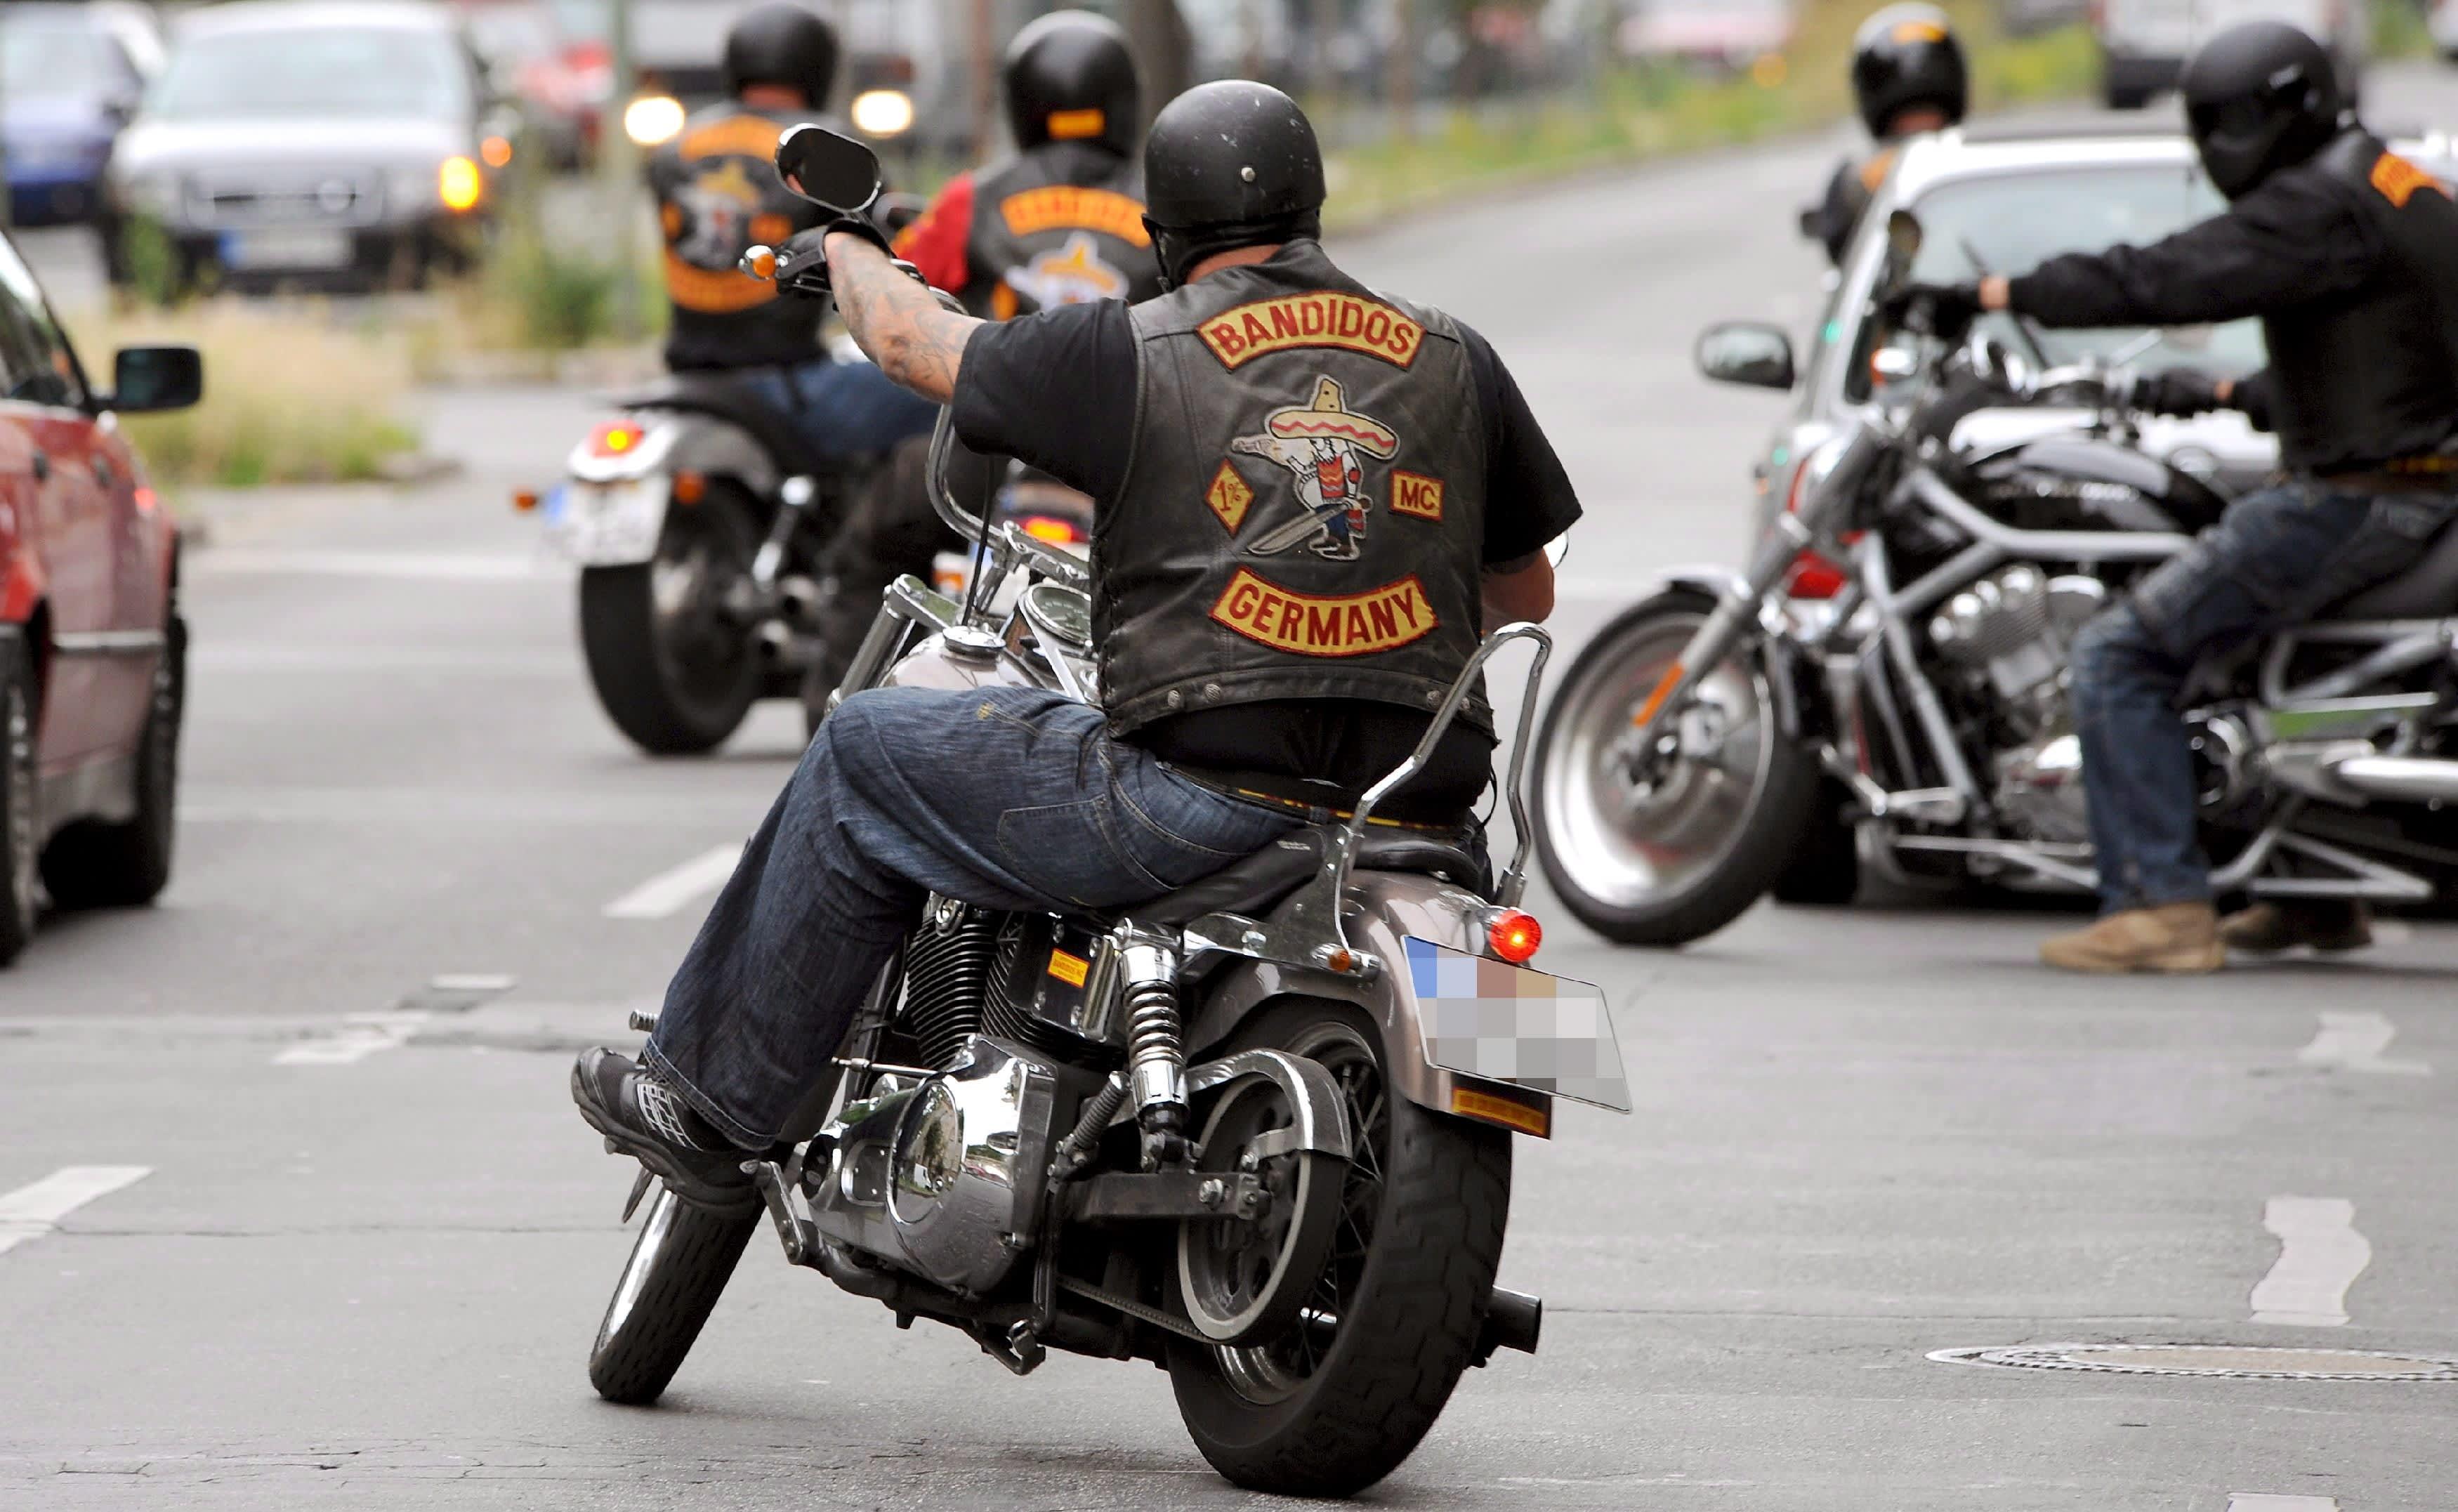 Kansainvälinen Bandidos on Suomen suurin rikolliseksi arvioitu moottoripyöräkerho eli niin sanottu prosenttijengi.